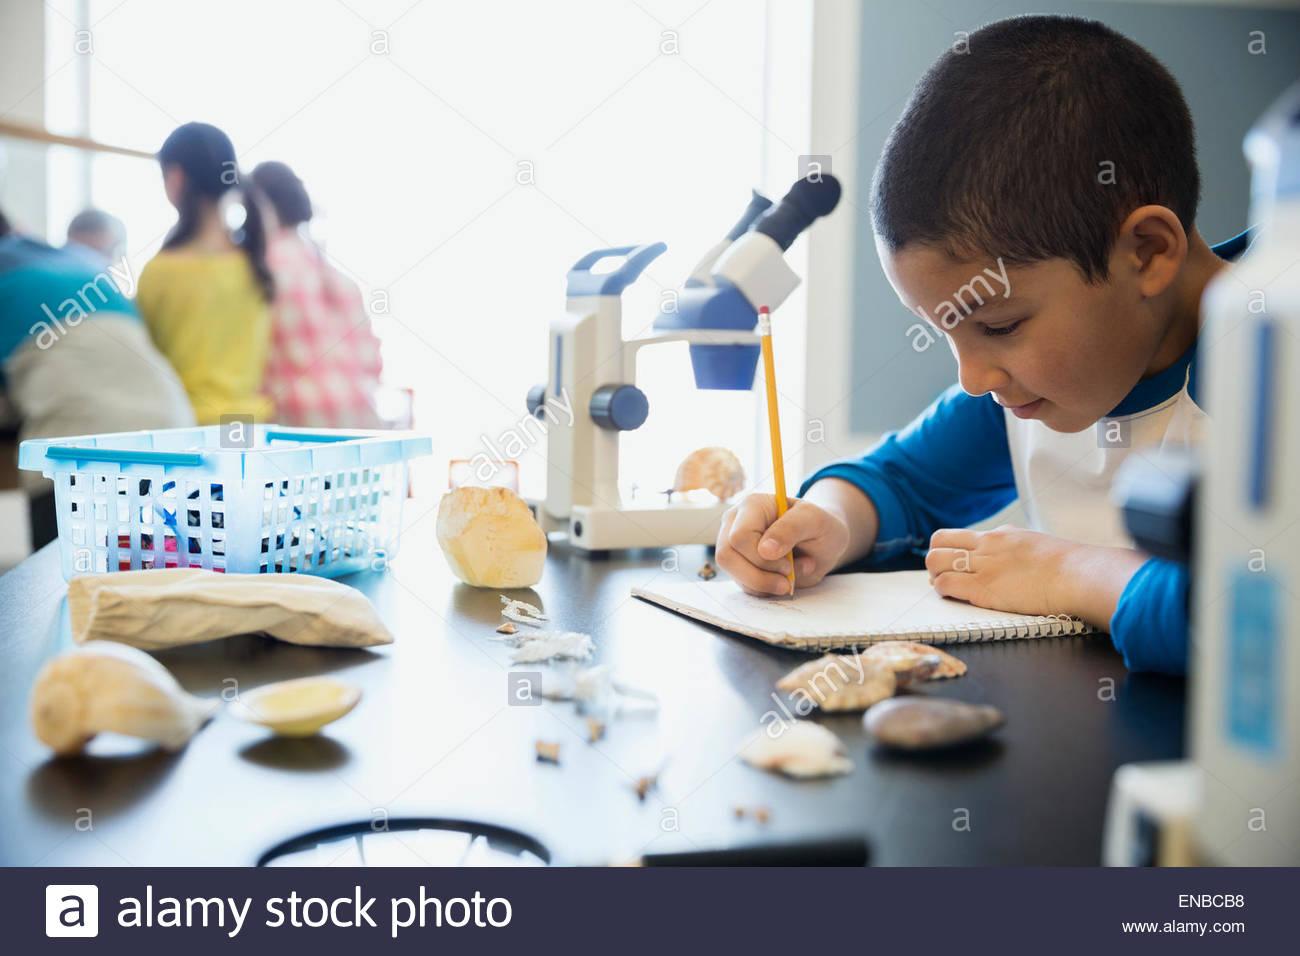 Scolaro prendere appunti al microscopio della scienza in aula di laboratorio Immagini Stock